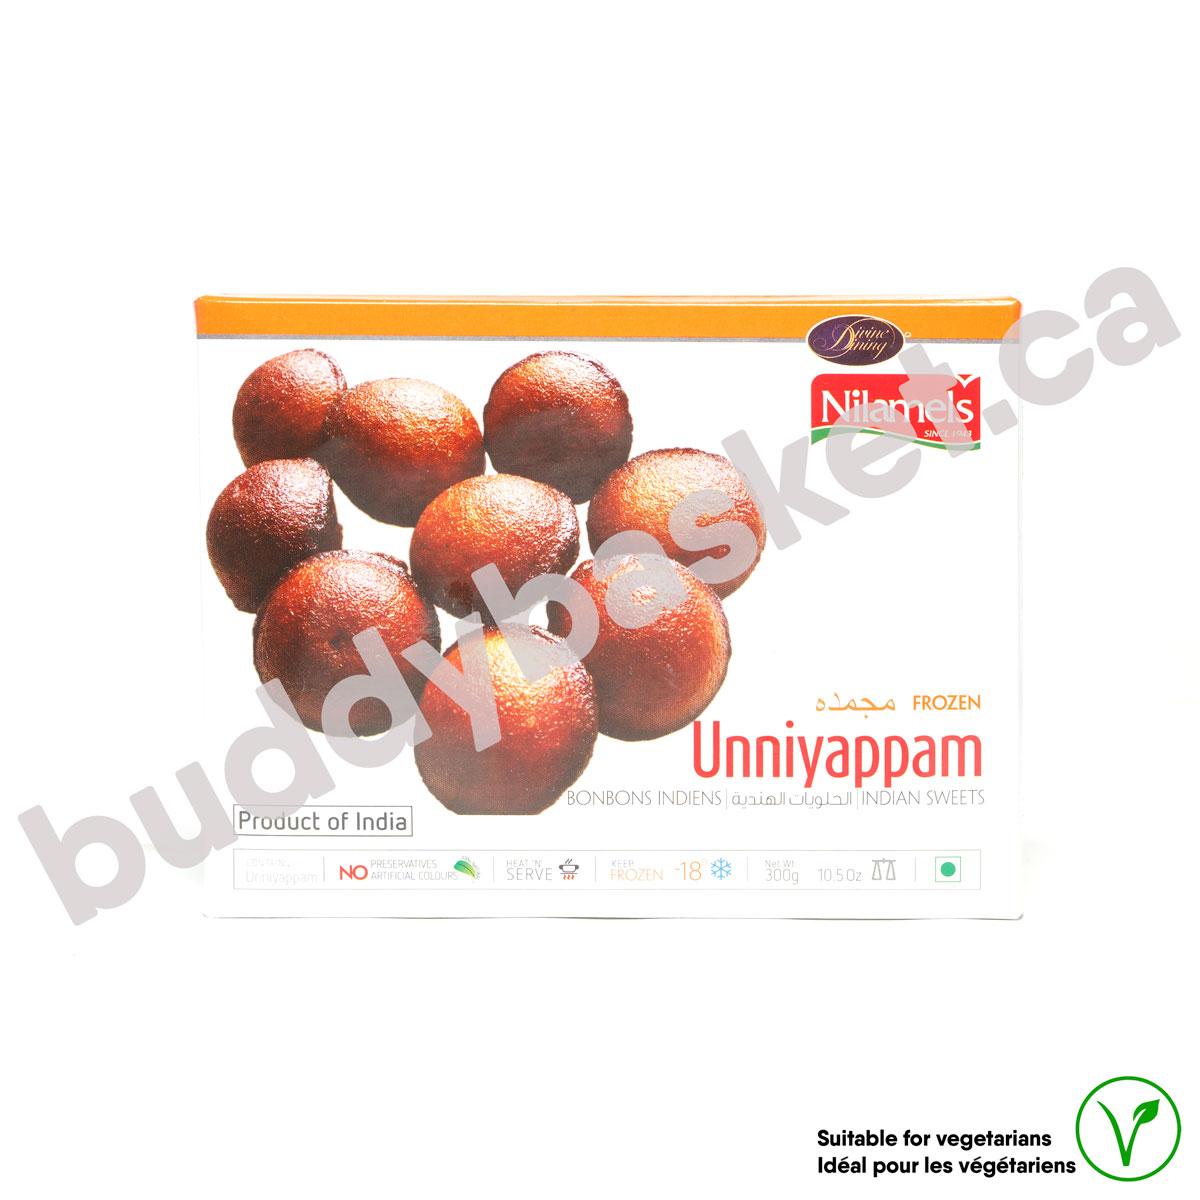 Nilamels Unniyappam 300g